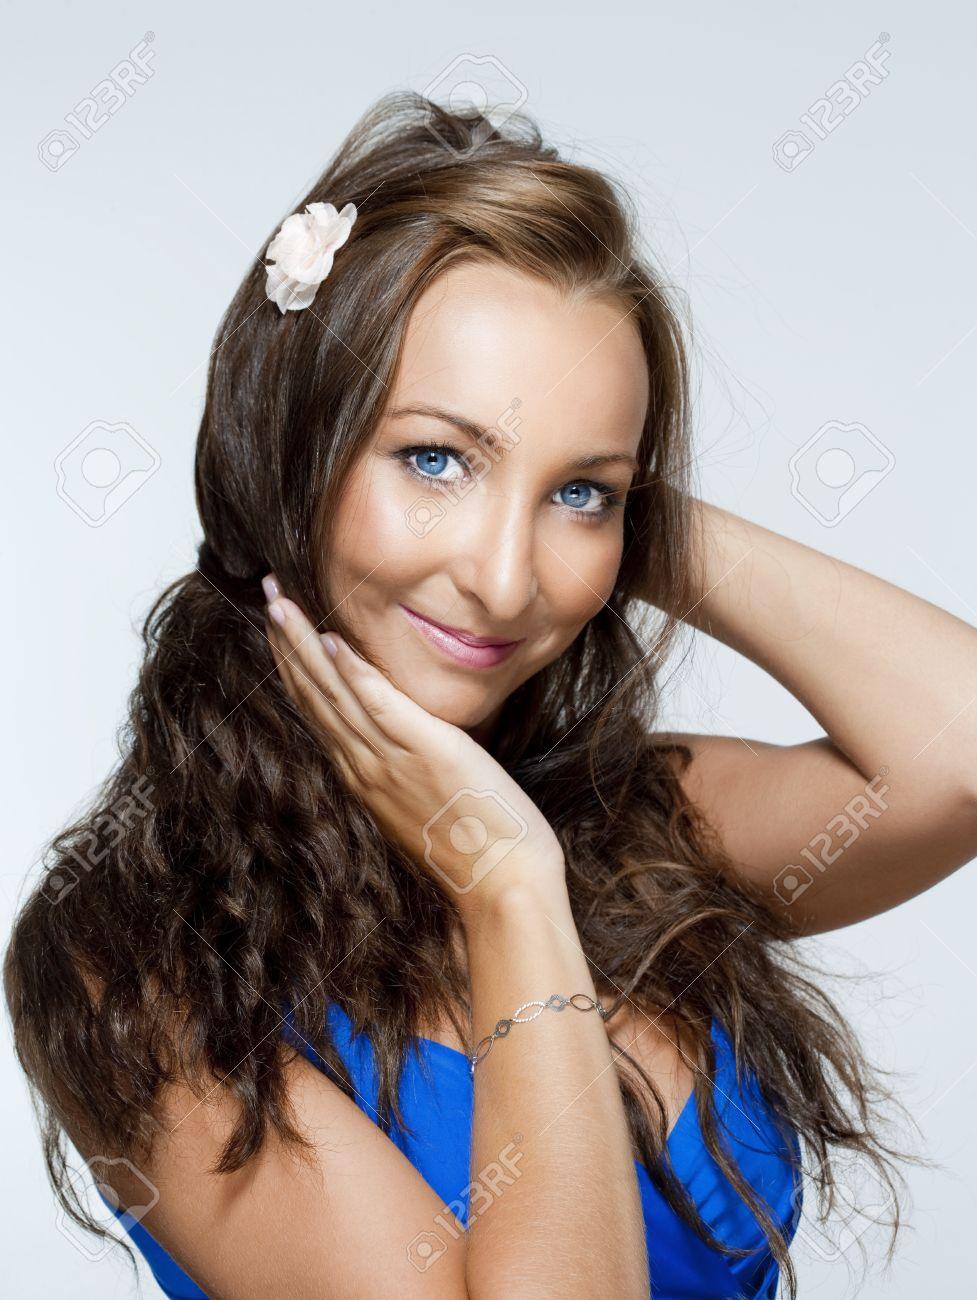 jungs mit braunen haaren und blauen augen